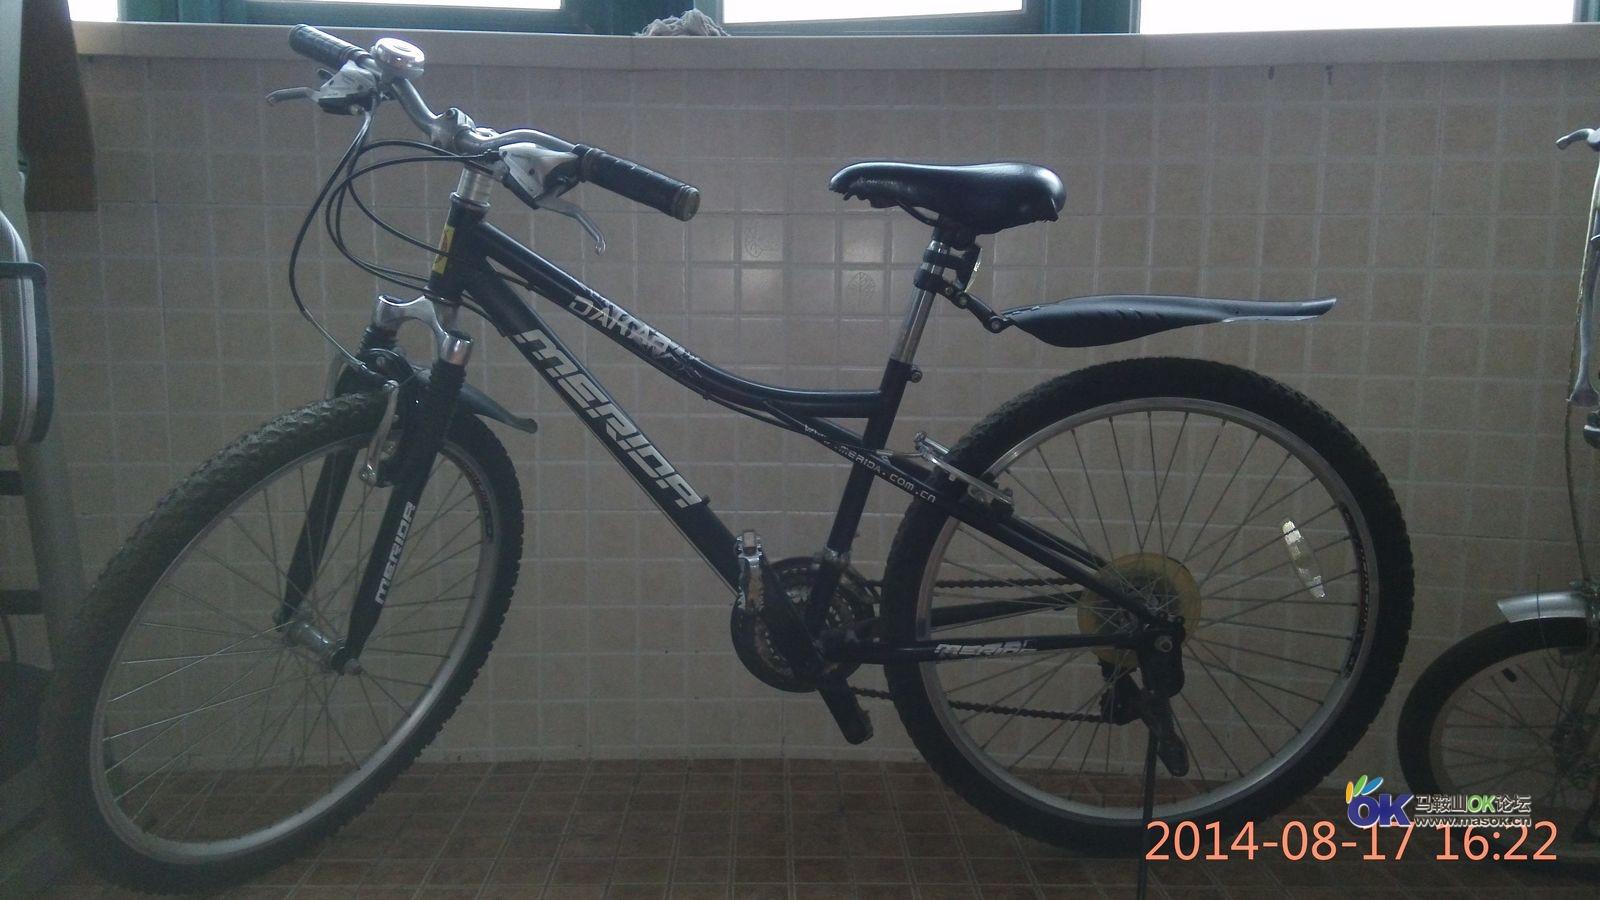 八五新美利达山地车六百,九成新凤凰牌小自行车二百二,都是名牌,非杂牌可比 跳蚤市场